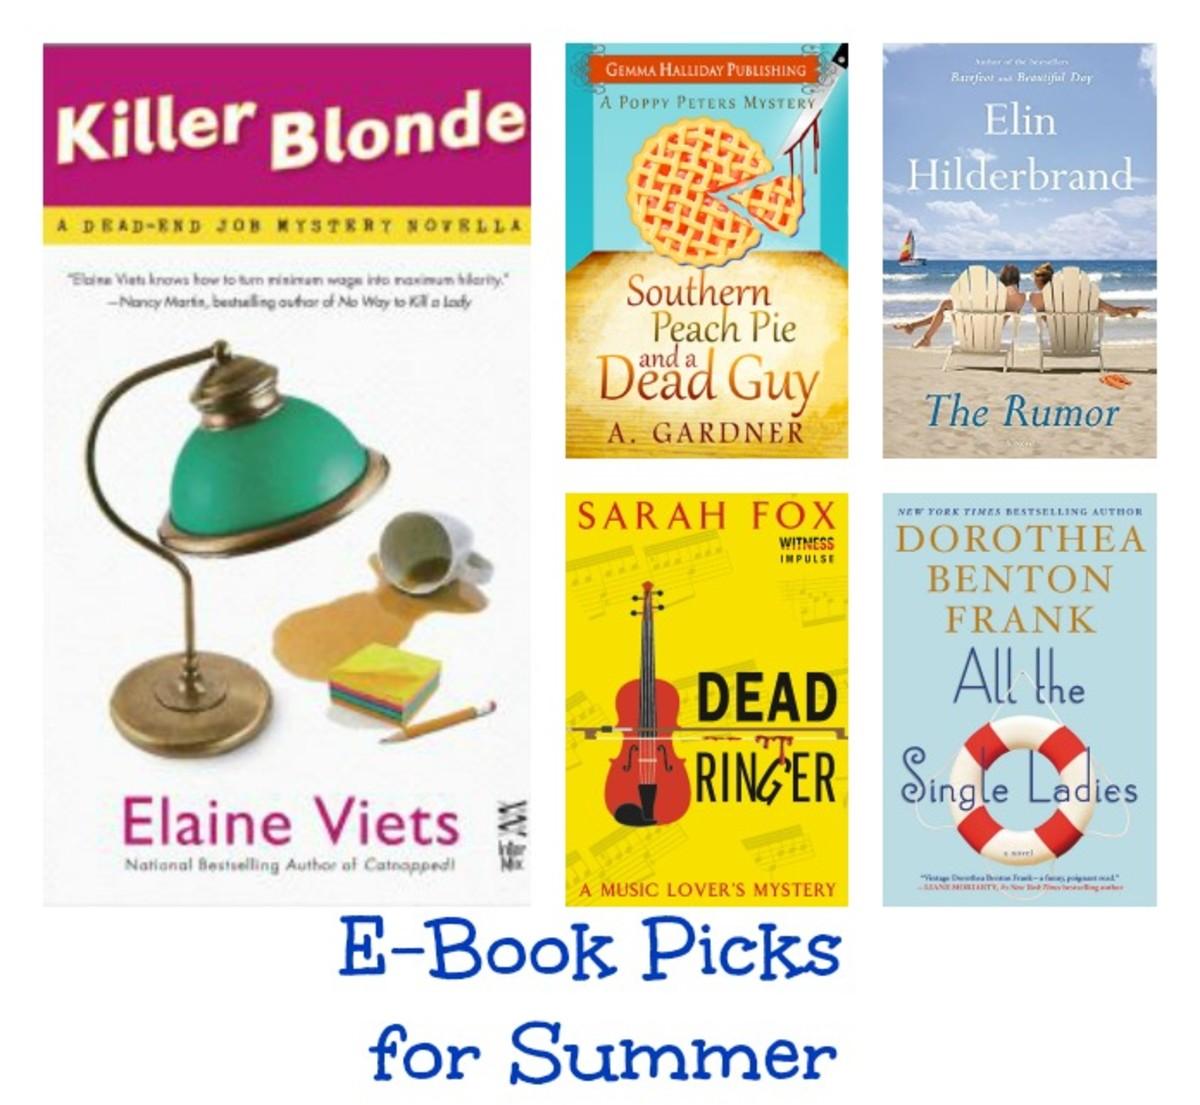 E-Book Picks for Summer